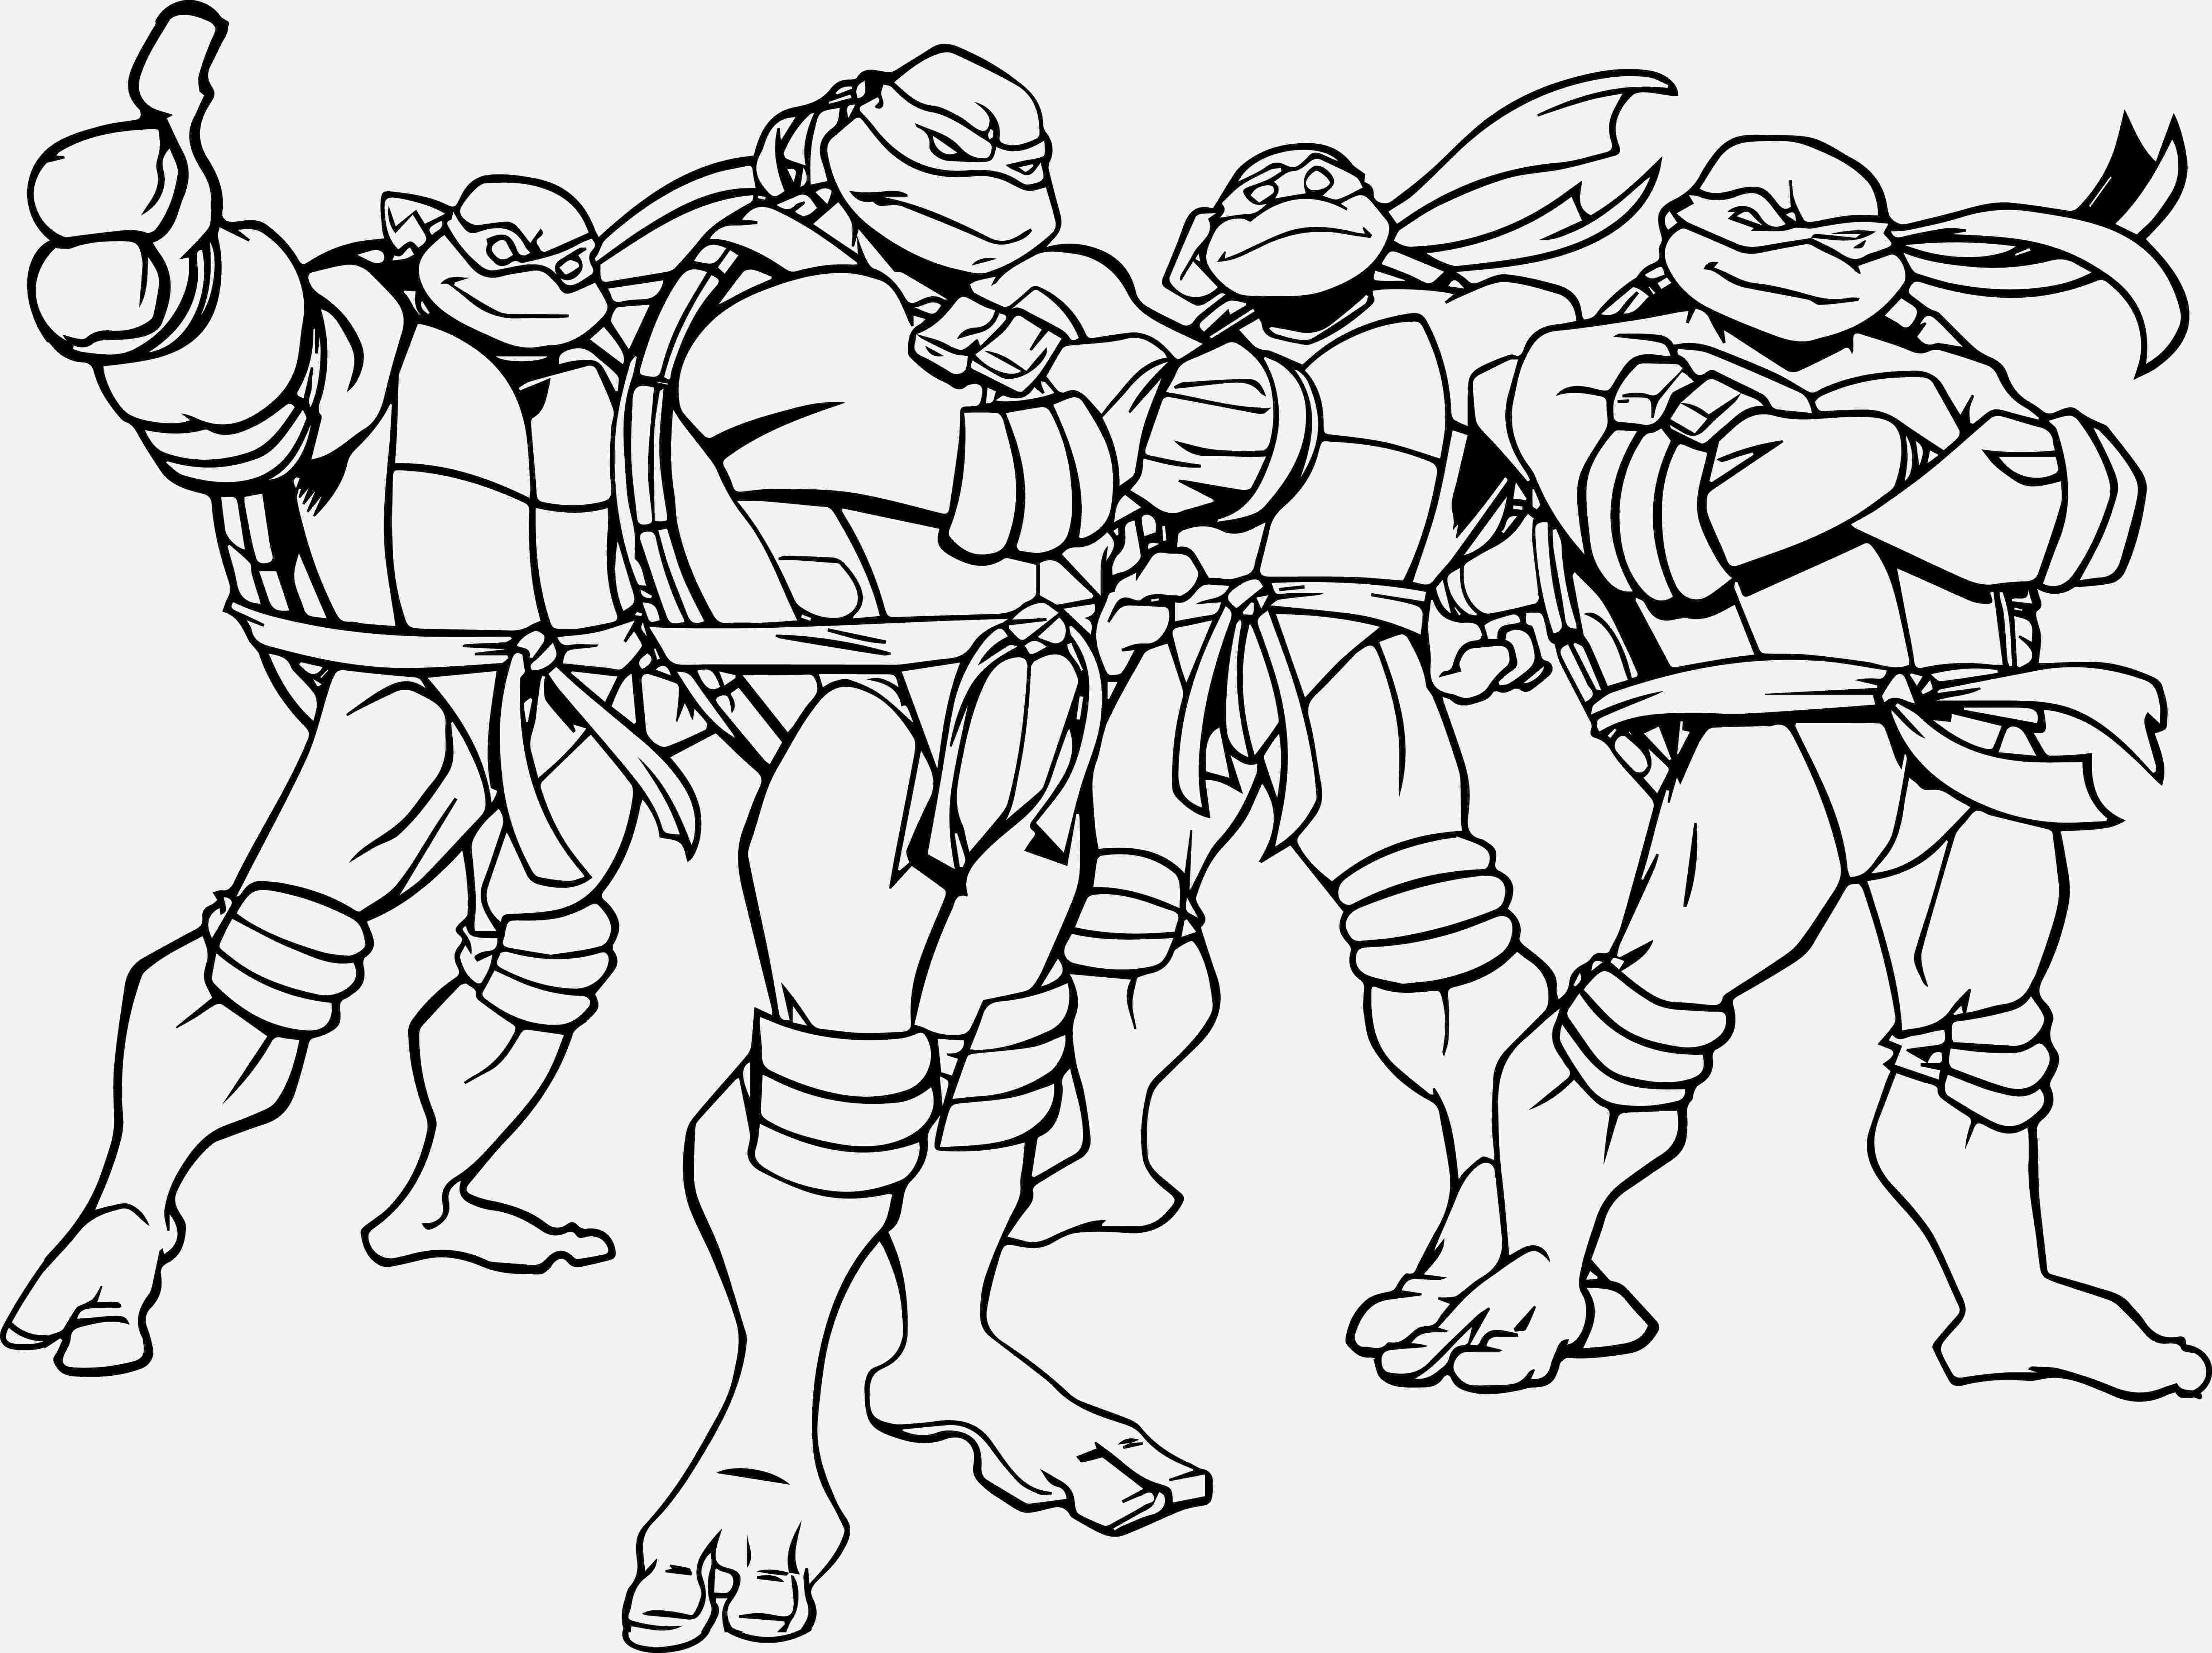 coloring pages turtles ninja ninja turtles coloring pages free download best ninja ninja pages turtles coloring